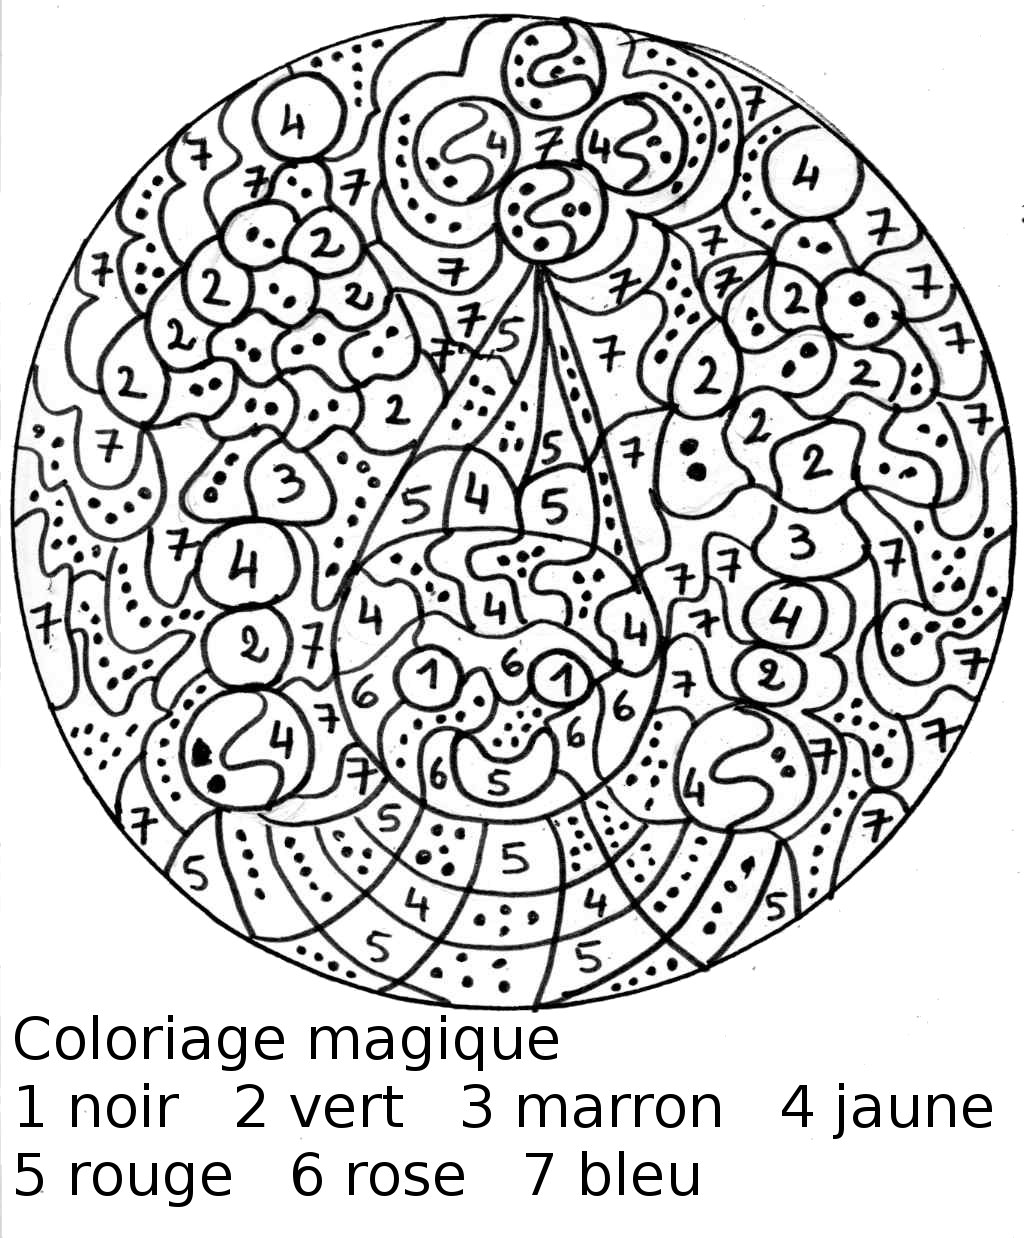 23 dessins de coloriage magique maternelle imprimer - Coloriages noel maternelle ...